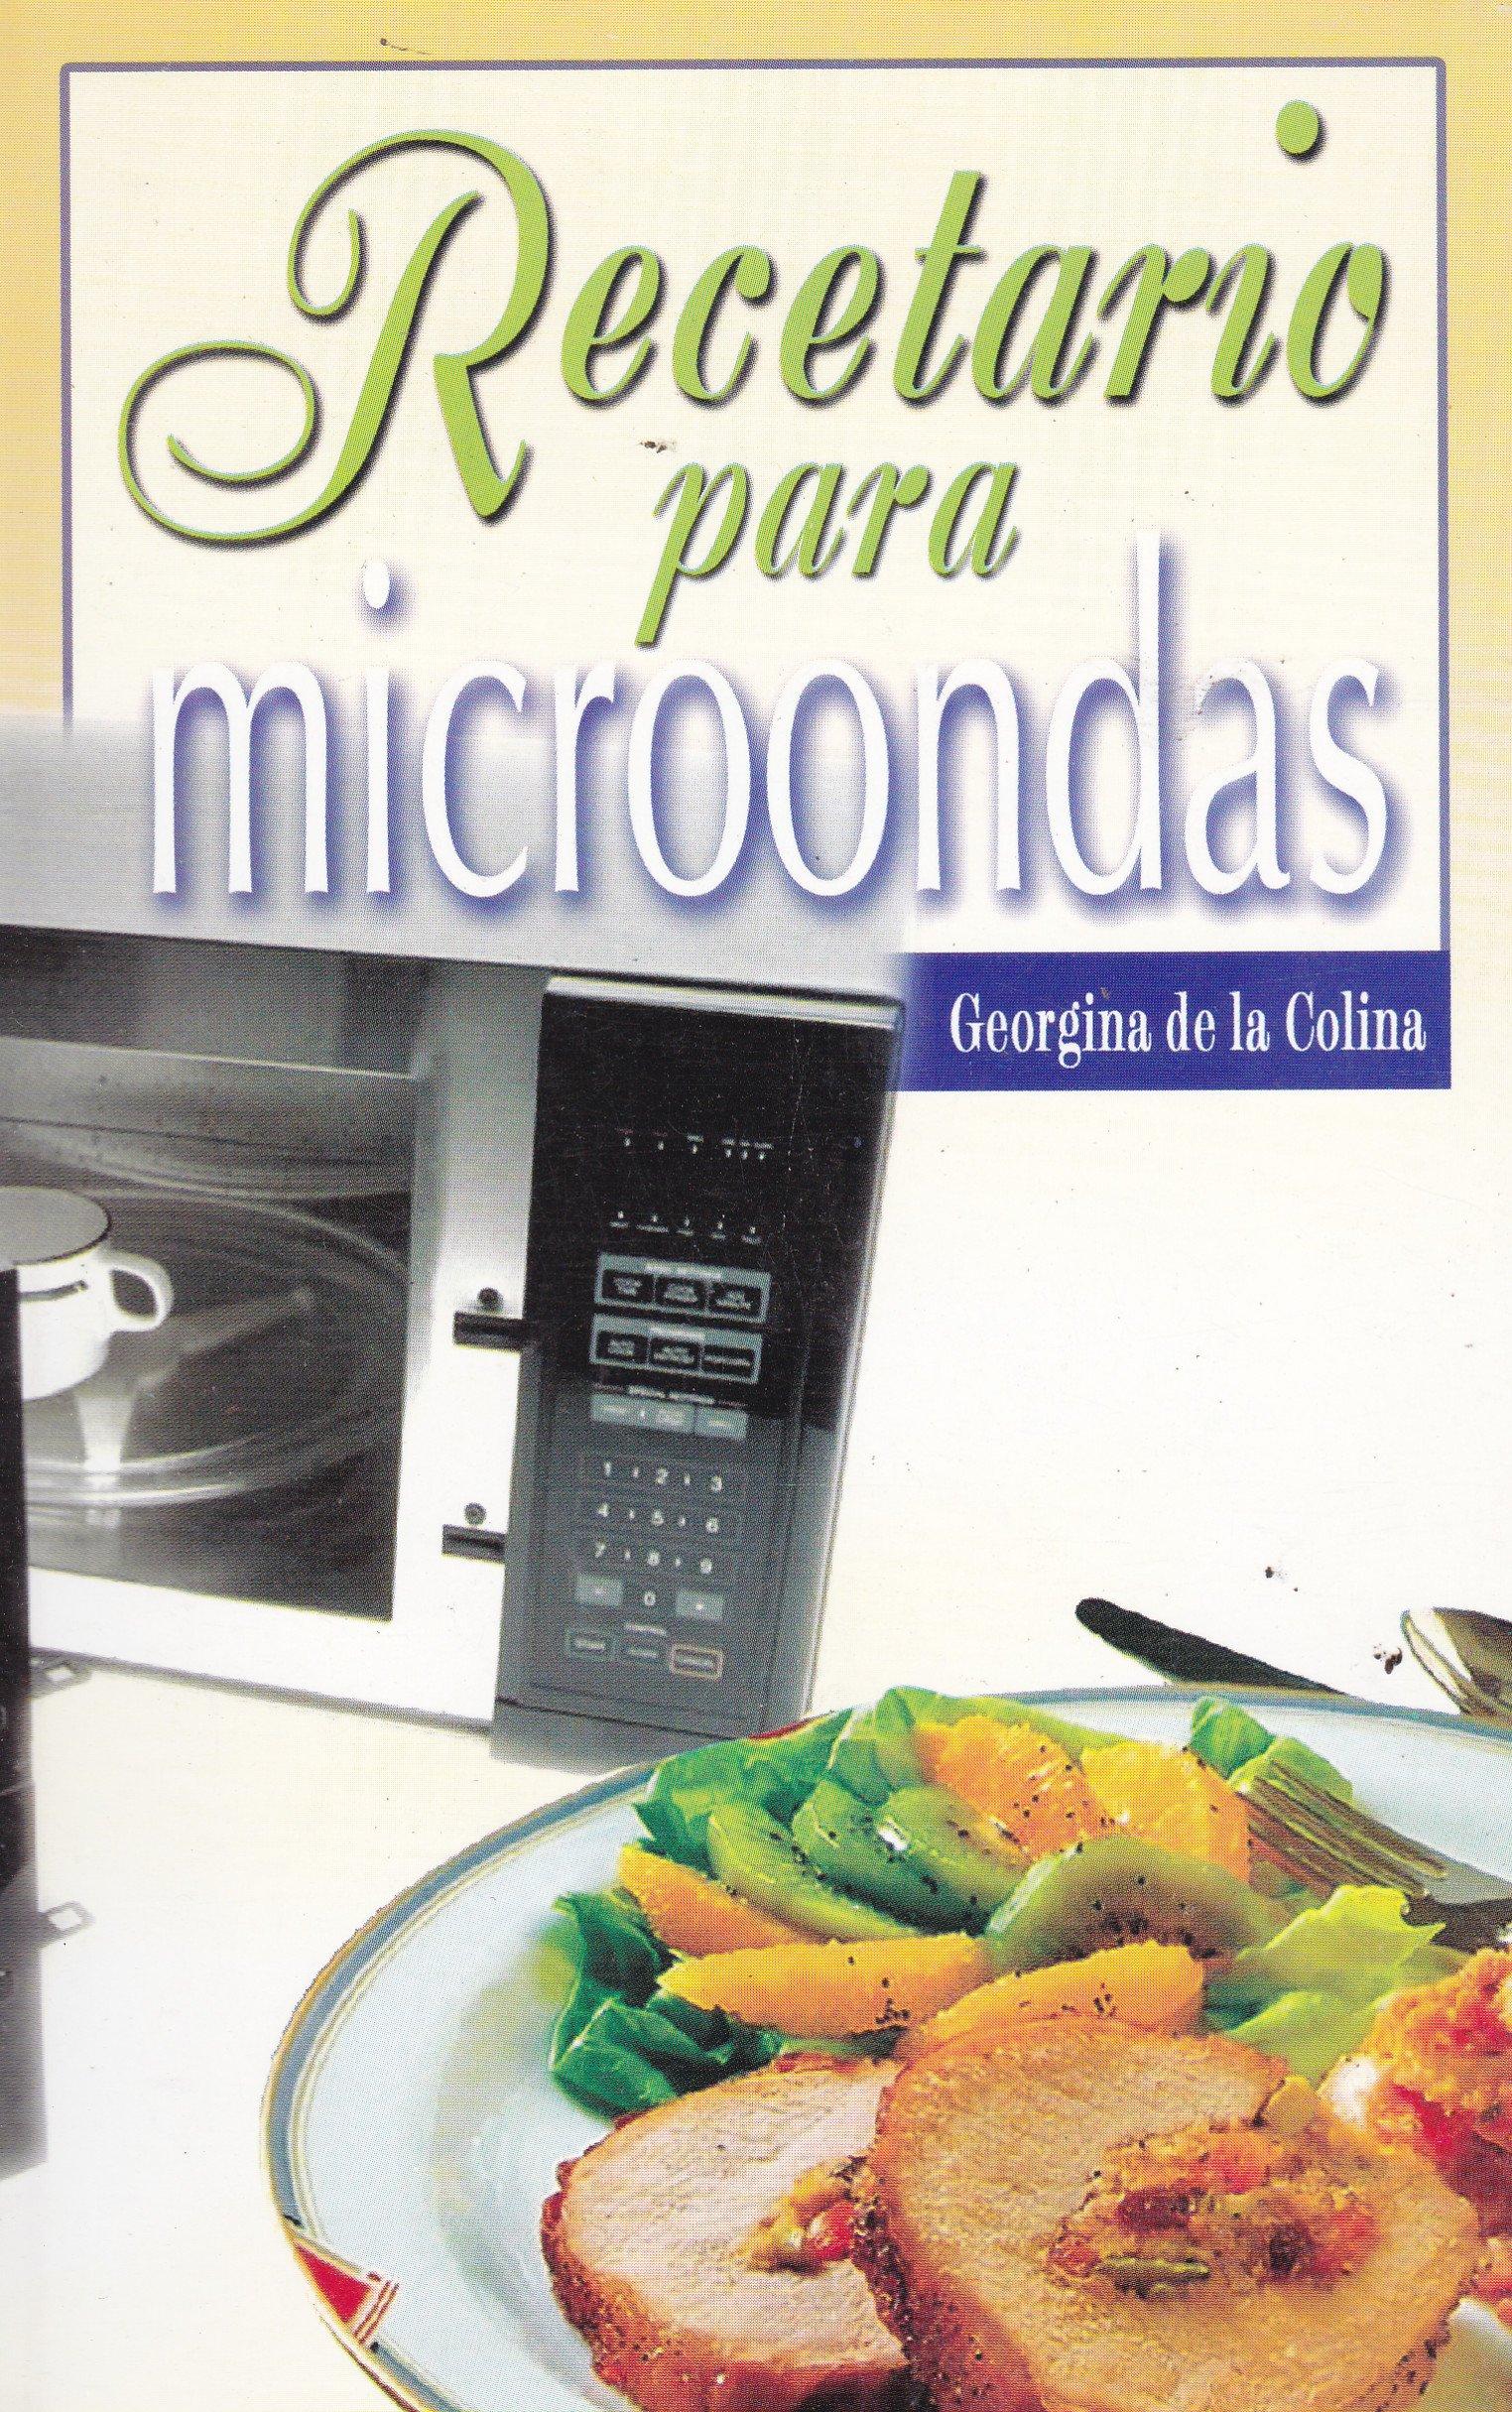 Recetario para microondas (Spanish Edition): Georgina De la ...